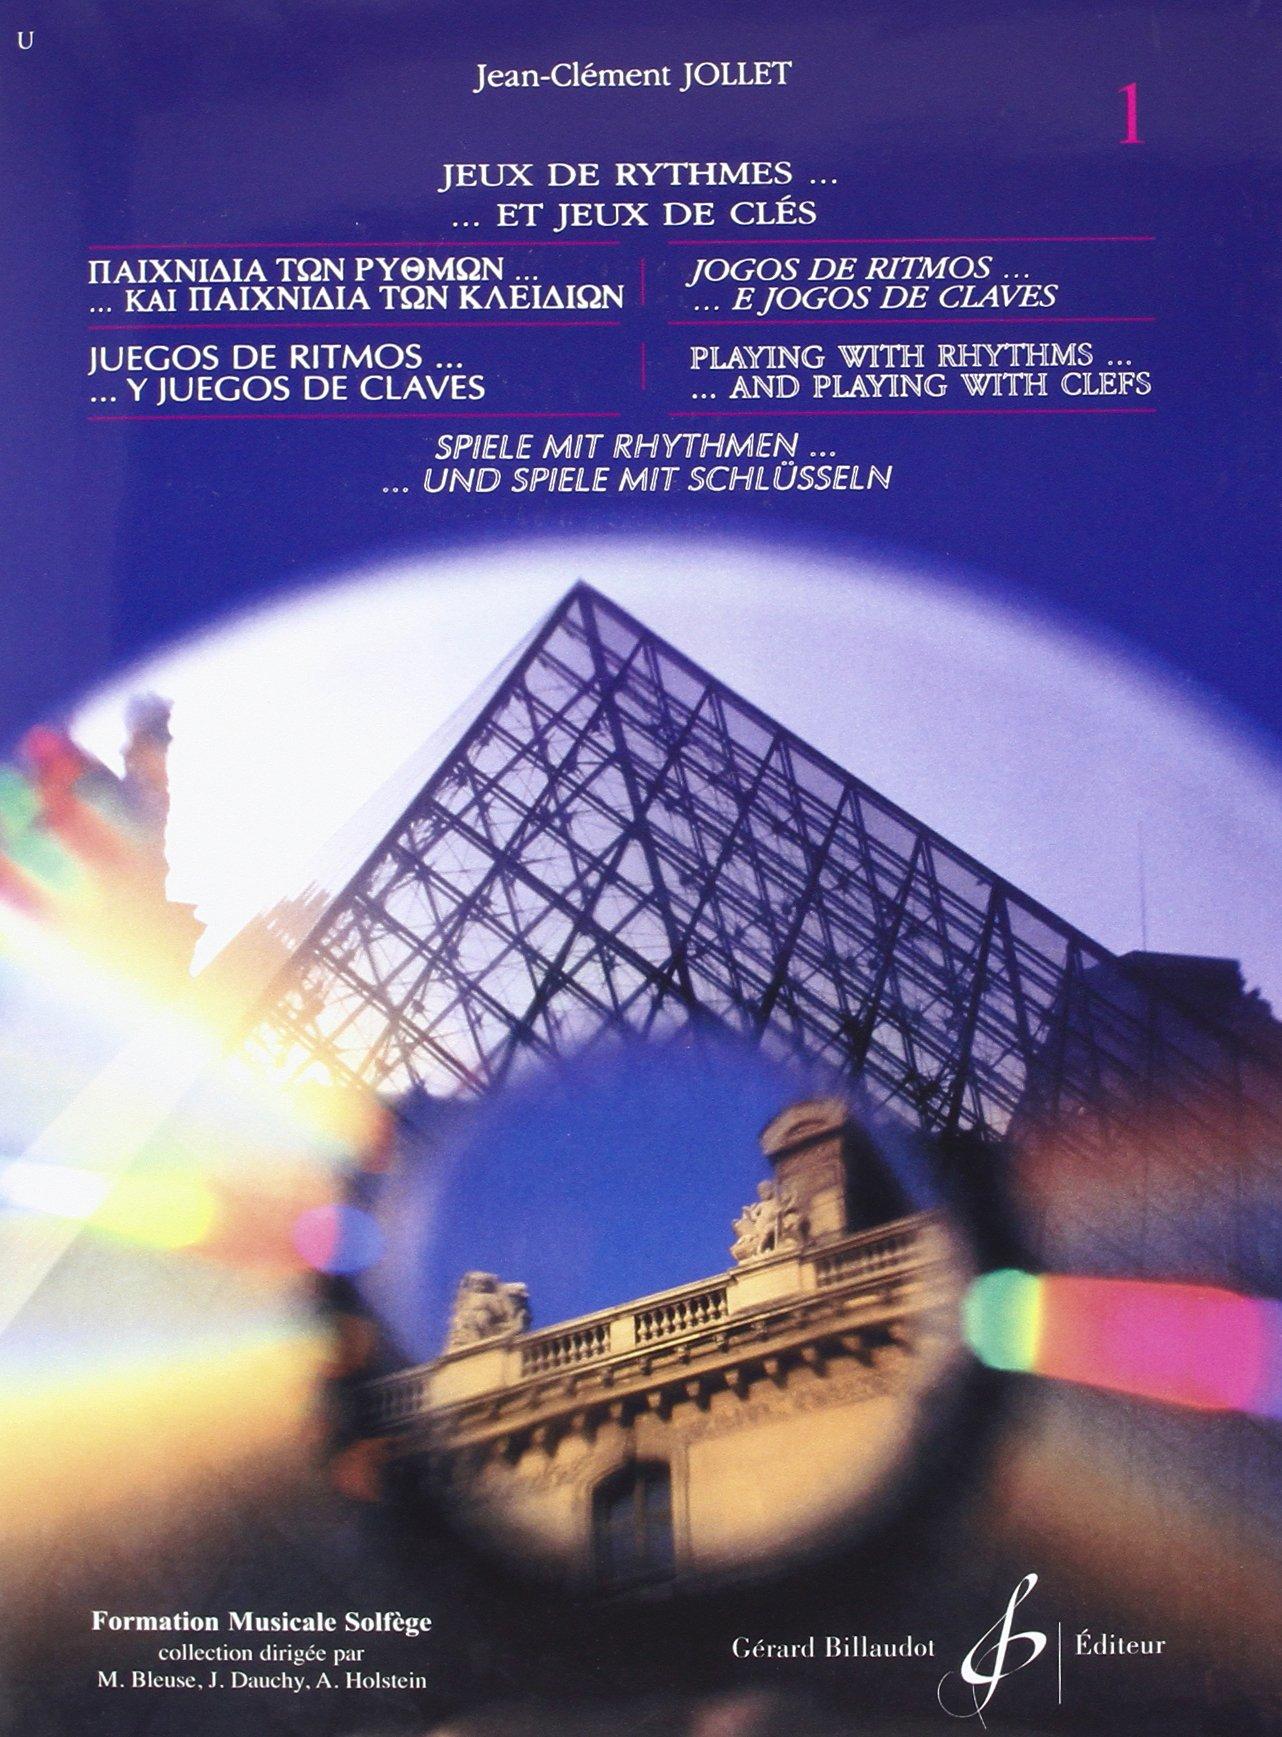 Jeux de Rythmes et Jeux de Clés volume 1 Broché – 1 janvier 2000 Jollet Jean-Clement Billaudot B003JYOQEA 20e siècle